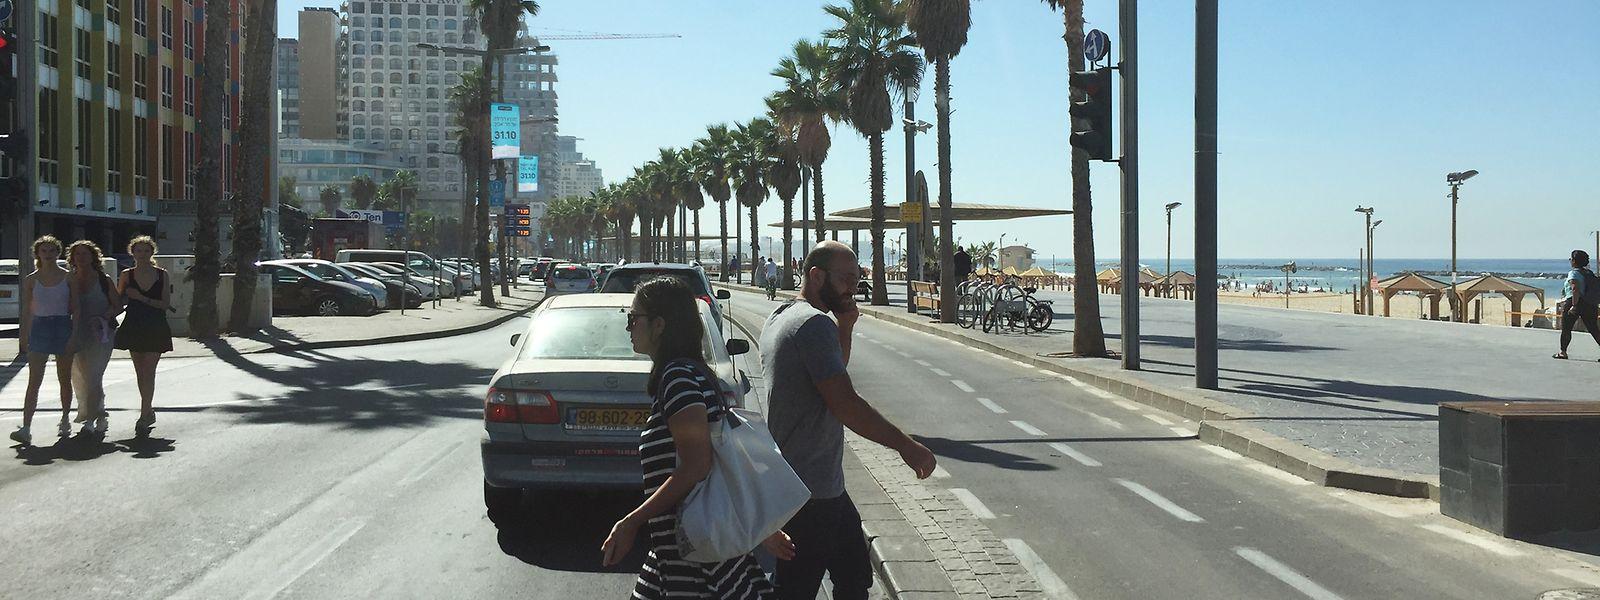 L'avenue Samuel Herbert sur le front de mer de Tel Aviv où les touristes se mêlent aux travailleurs.